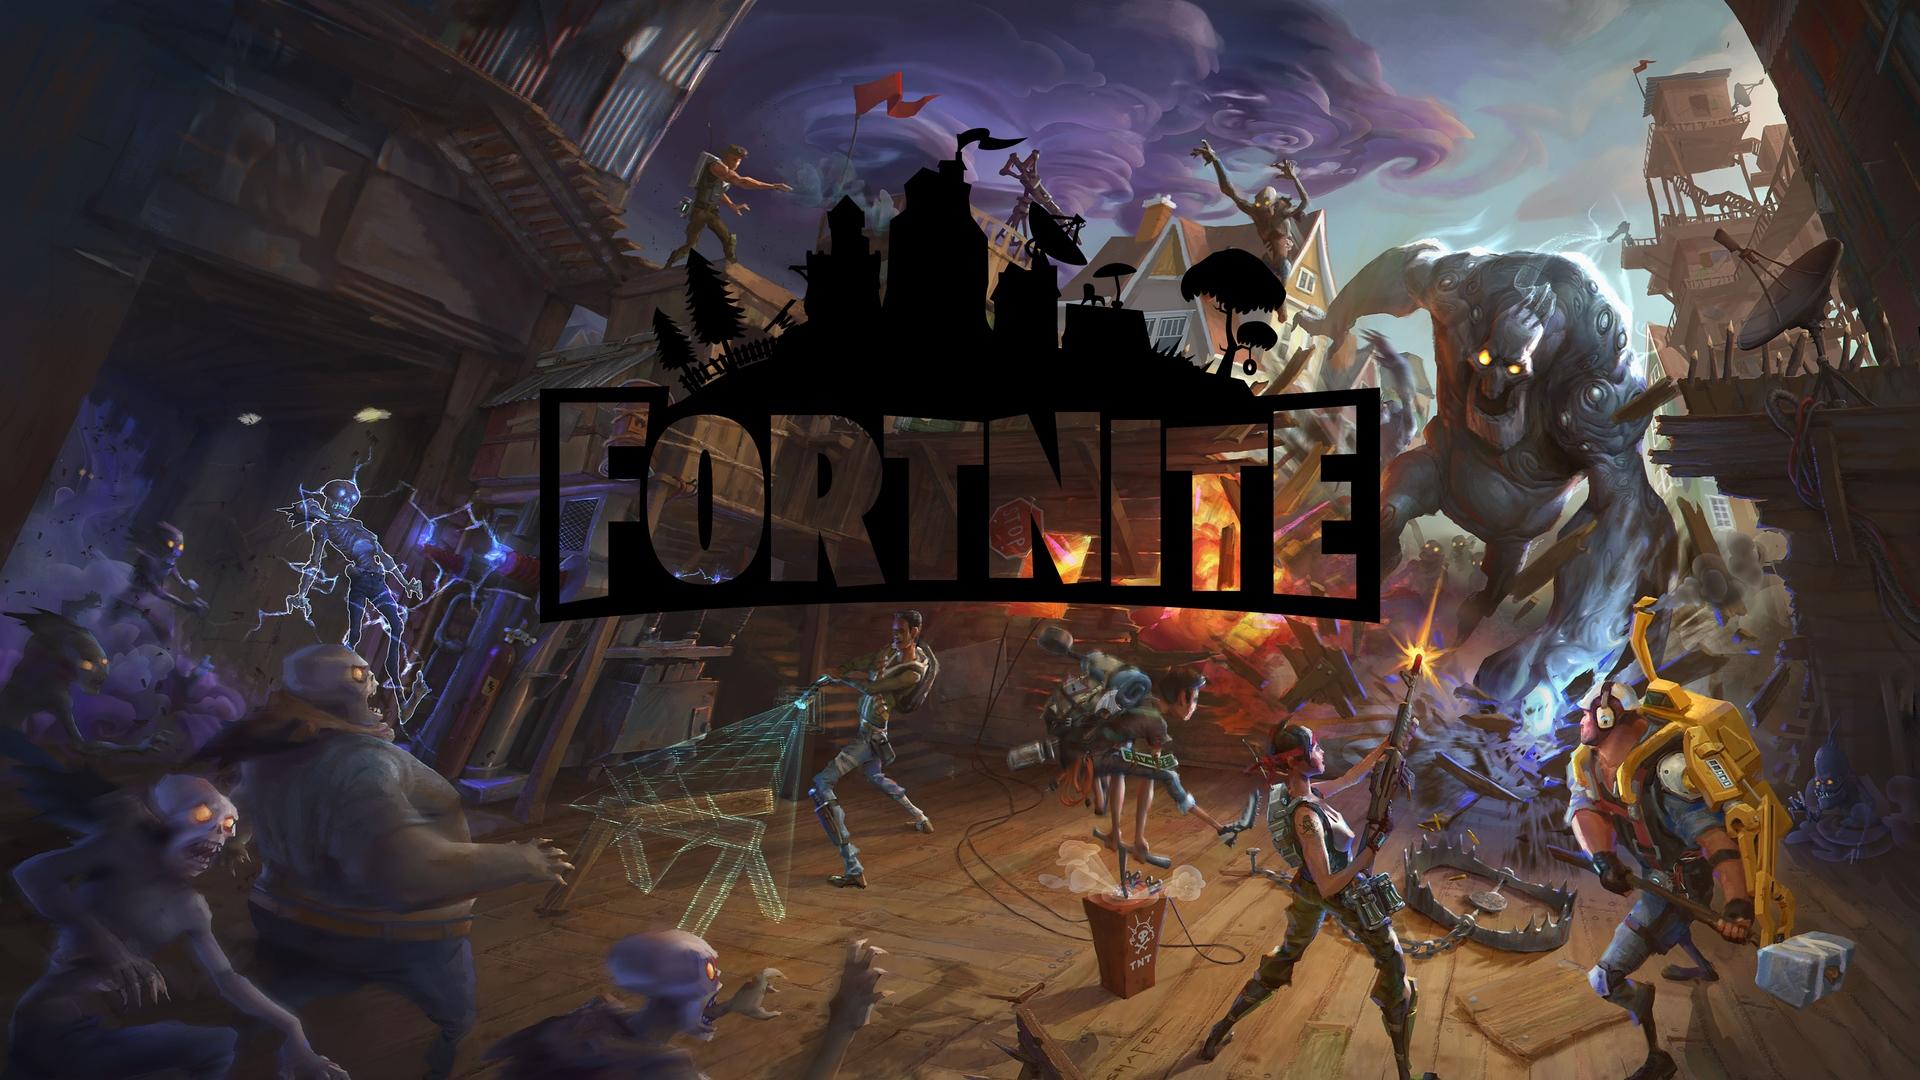 Fortnite-Chapter-2-Logo-Full-HD-Wallpaper